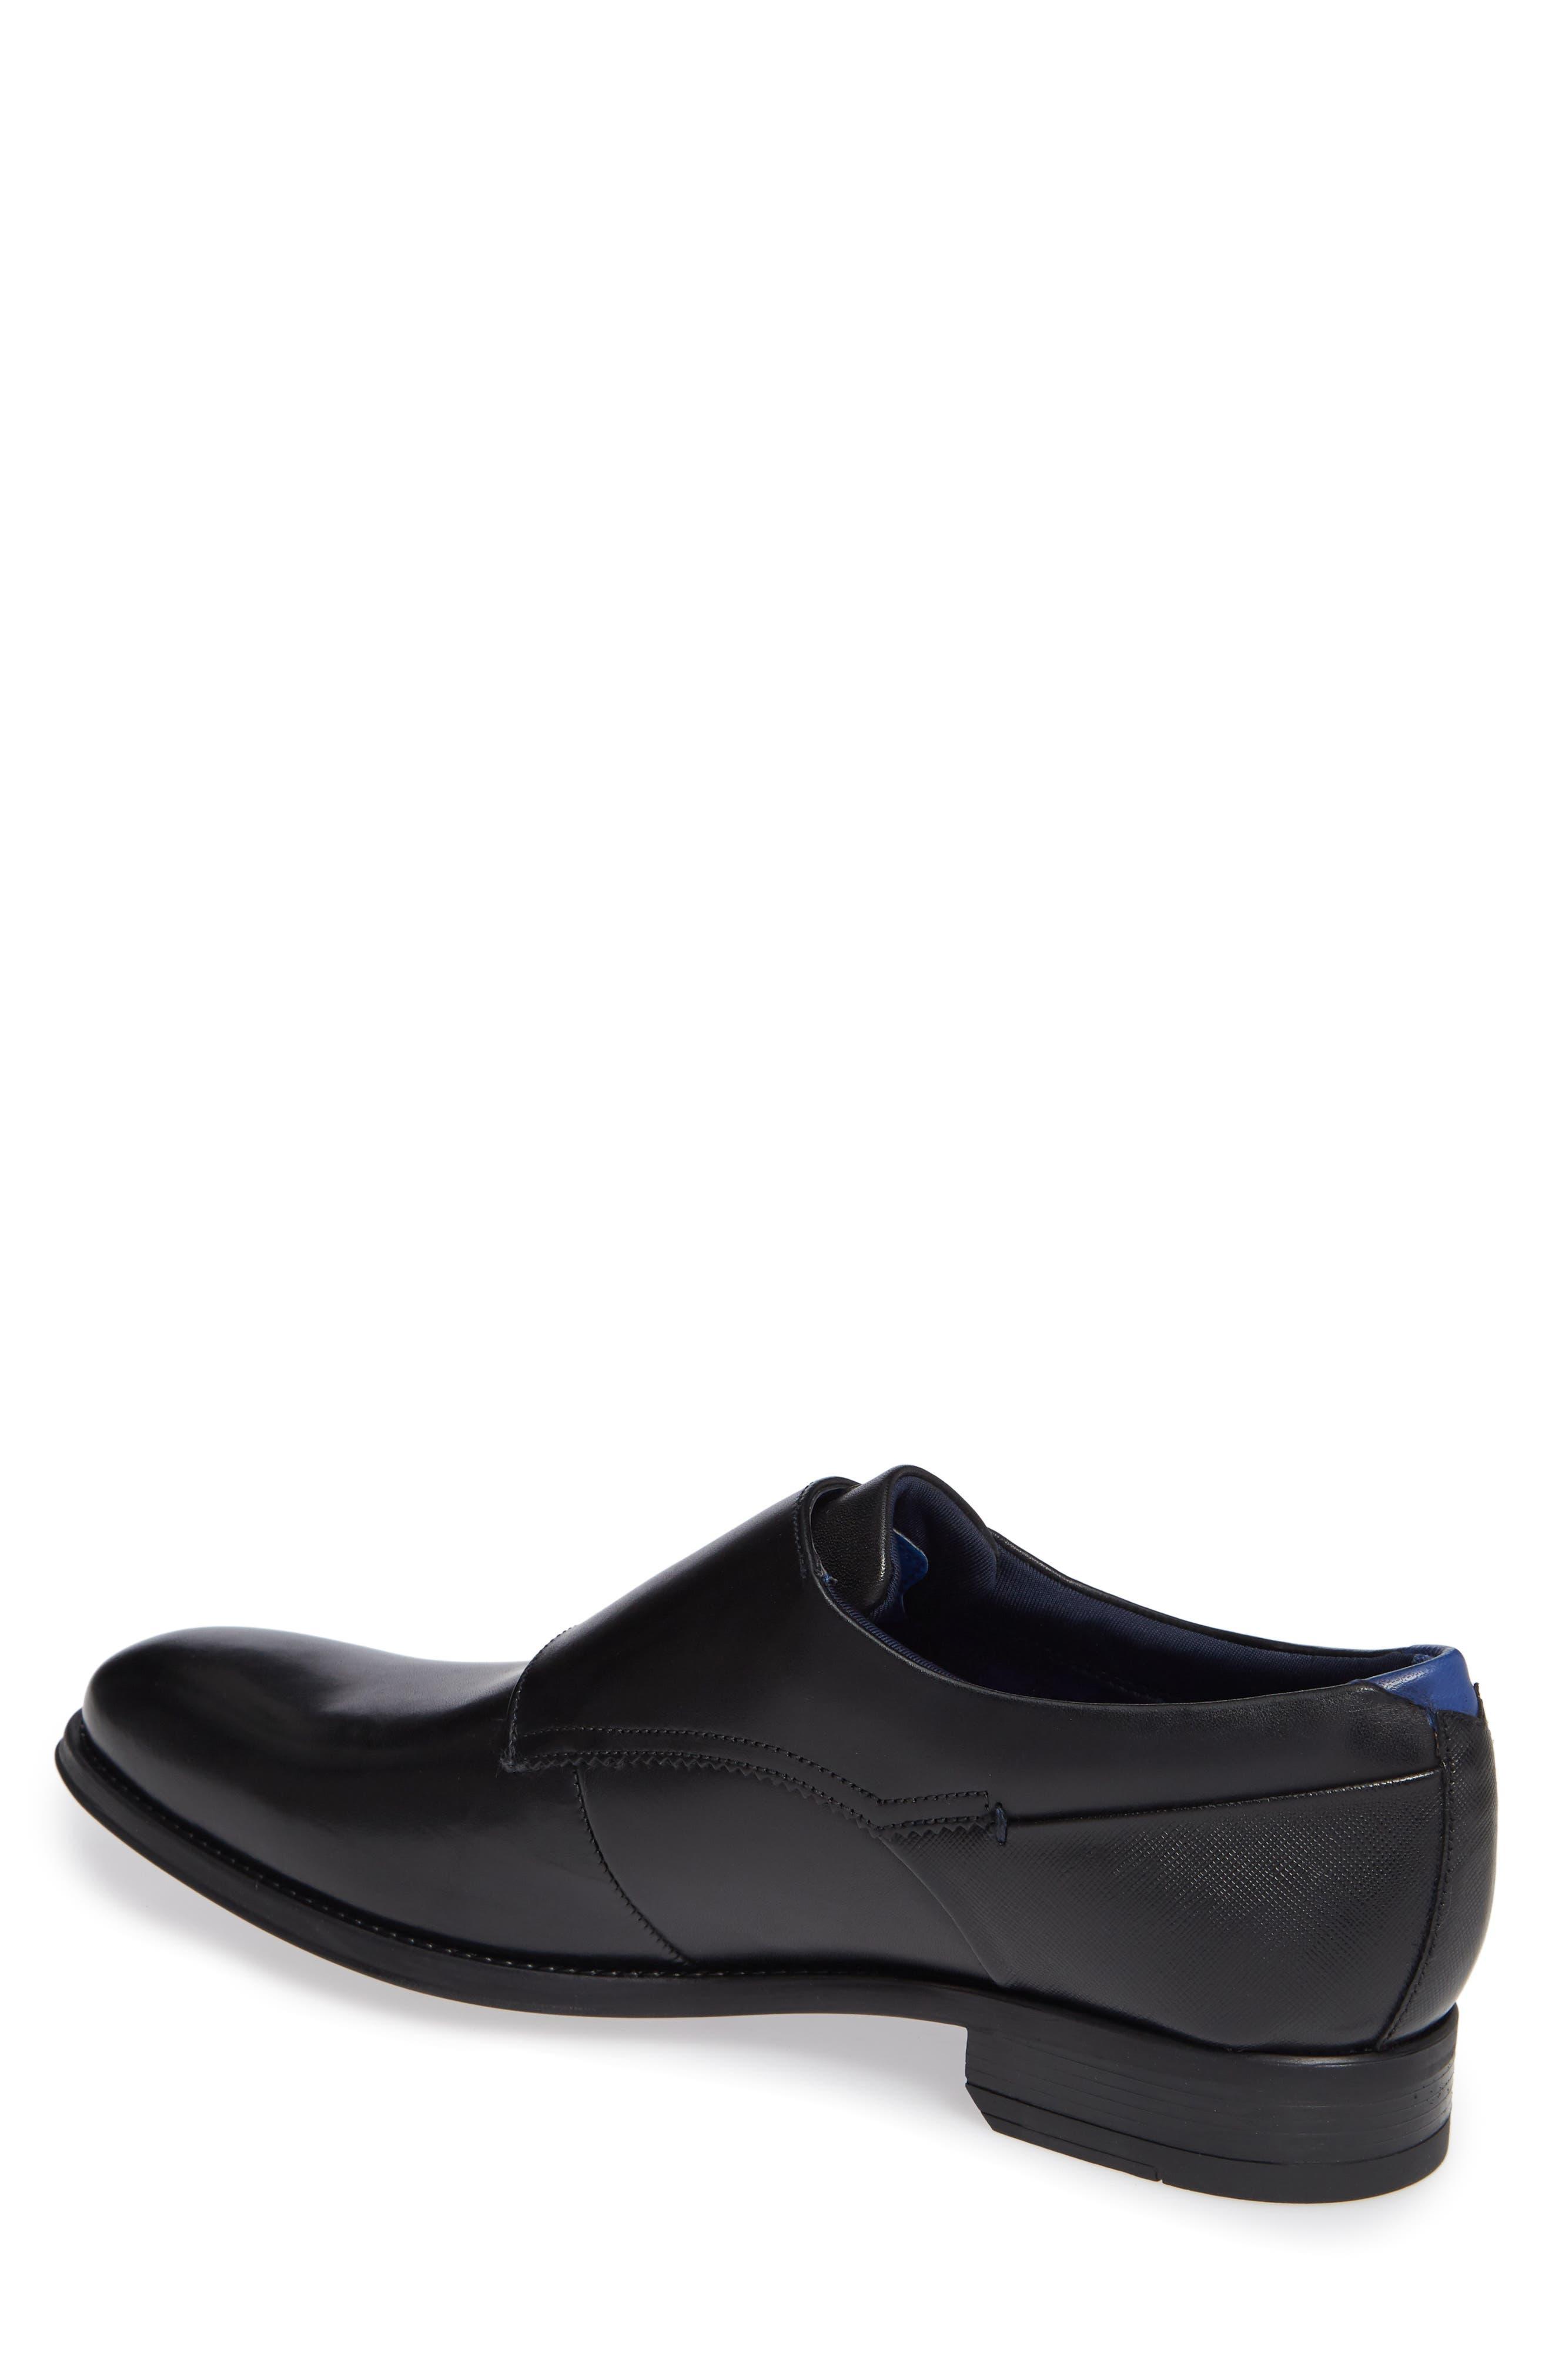 Cathon Double Buckle Monk Shoe,                             Alternate thumbnail 2, color,                             BLACK LEATHER